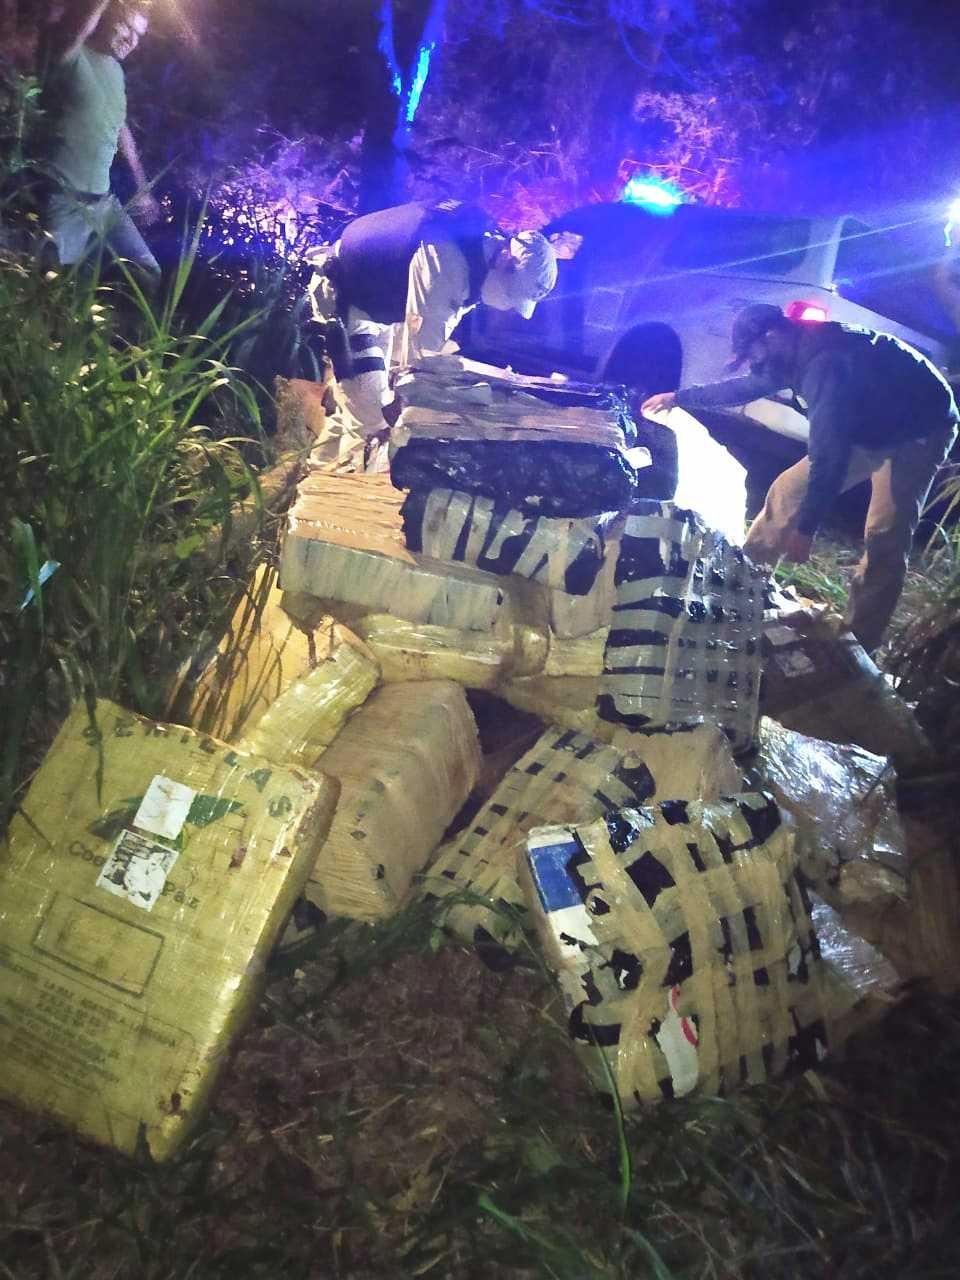 Otro golpe al narcotráfico: decomisan un cargamento de más de 1.400 kilos de marihuana